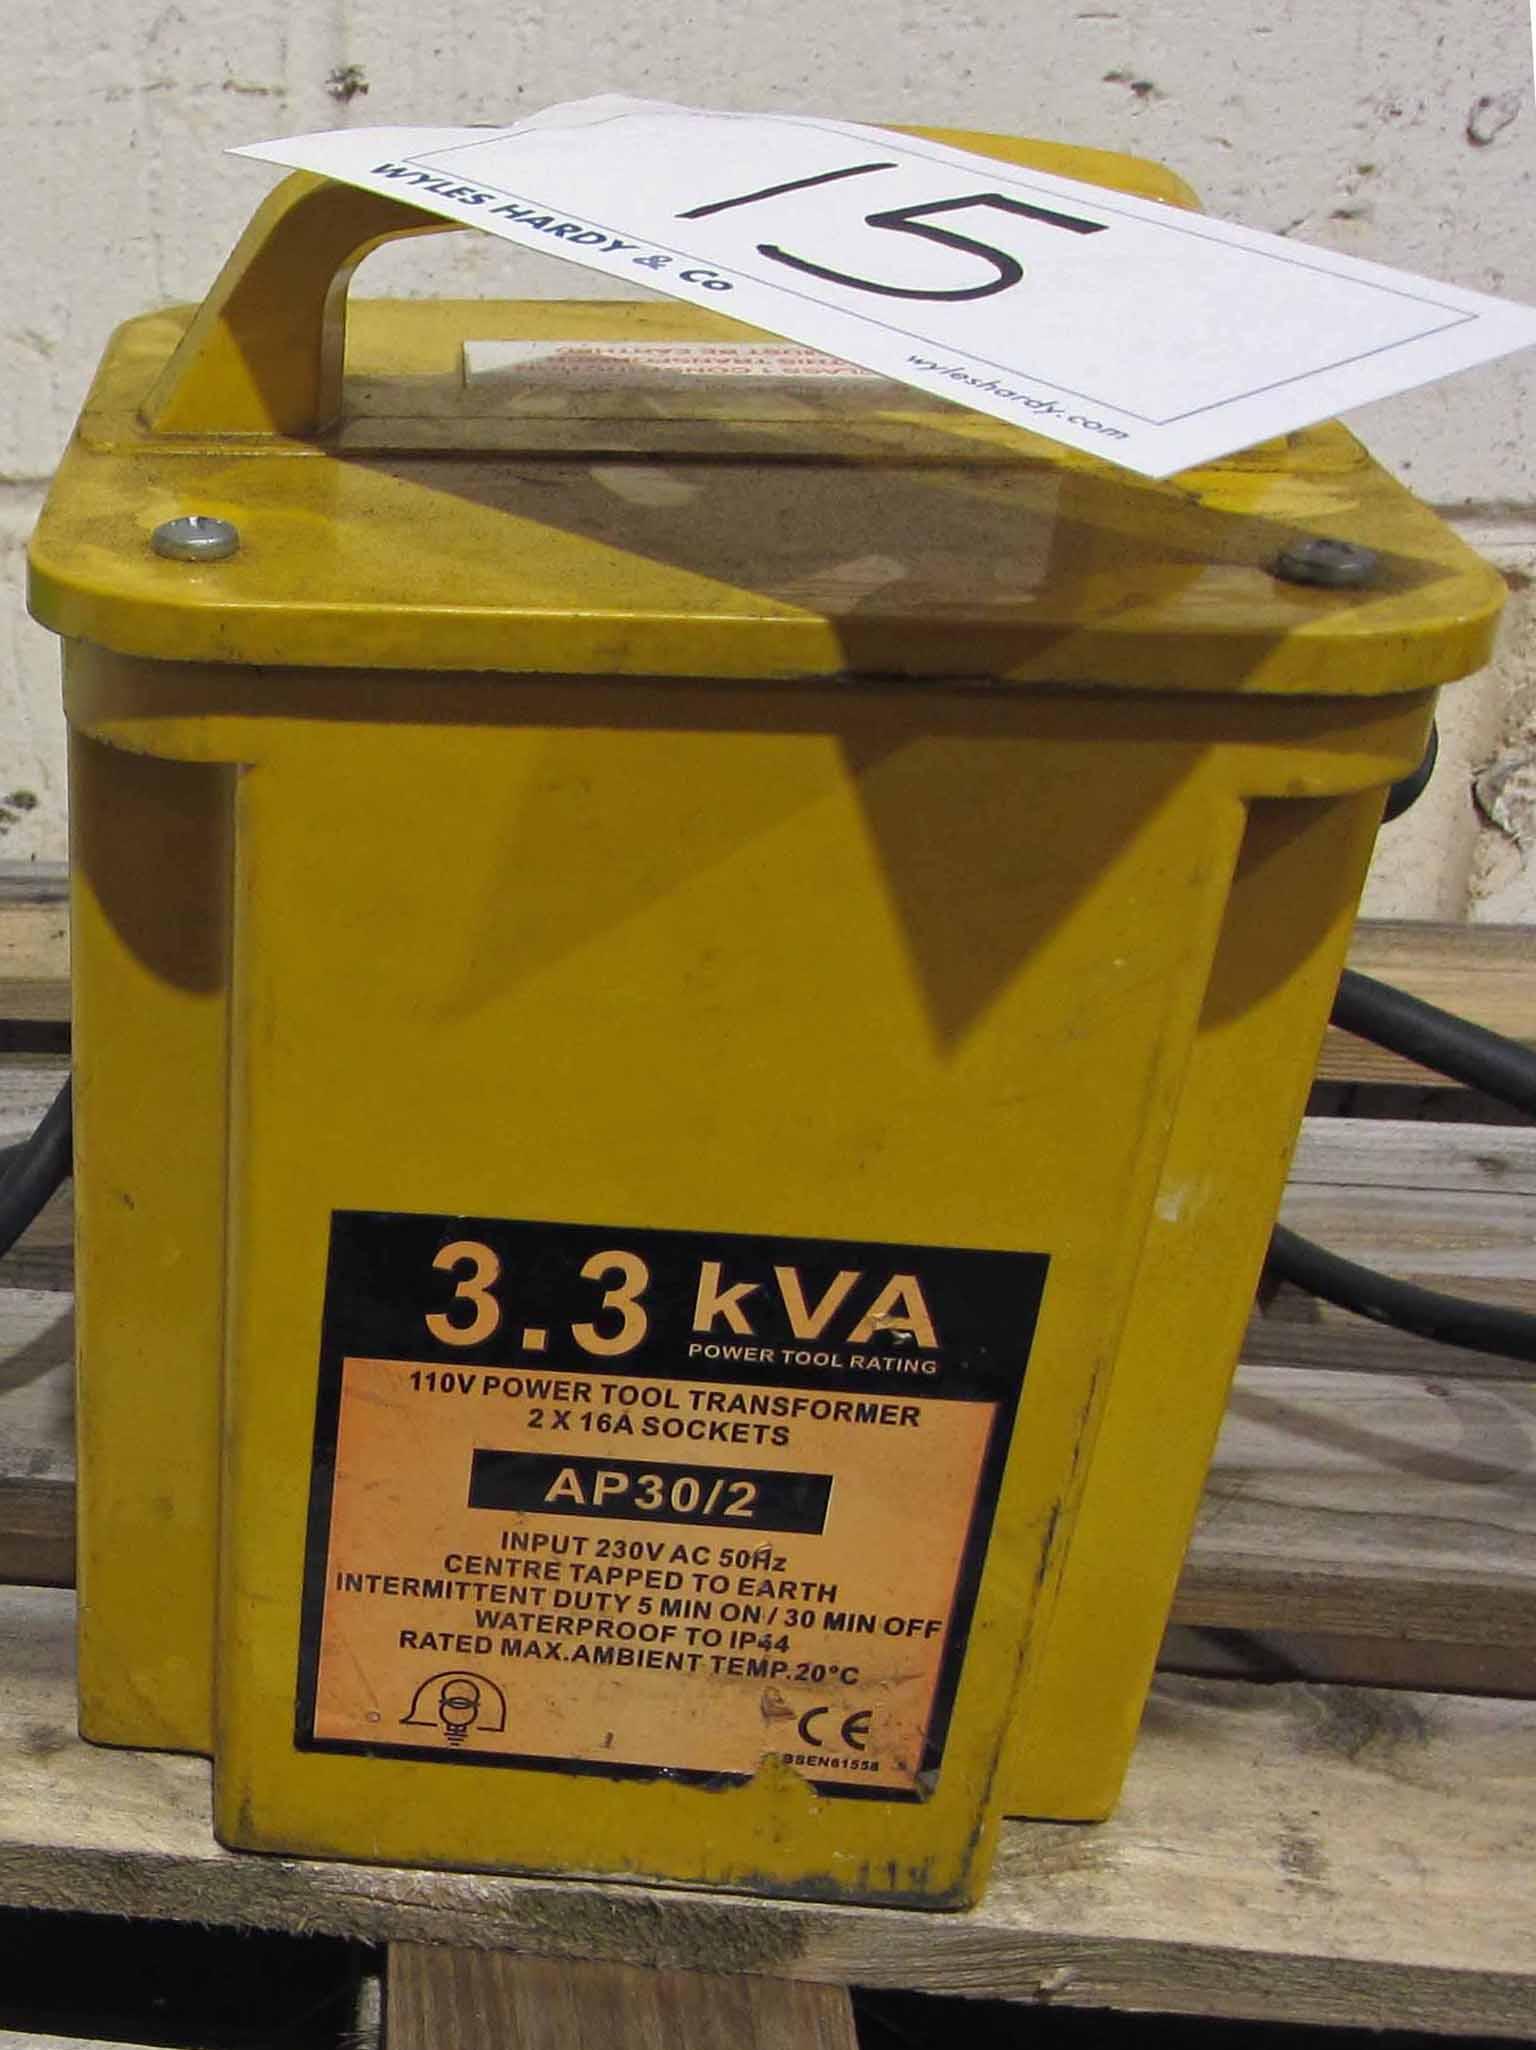 A 3.3 KVA 2-Outlet 110V Site Transformer - Image 2 of 2